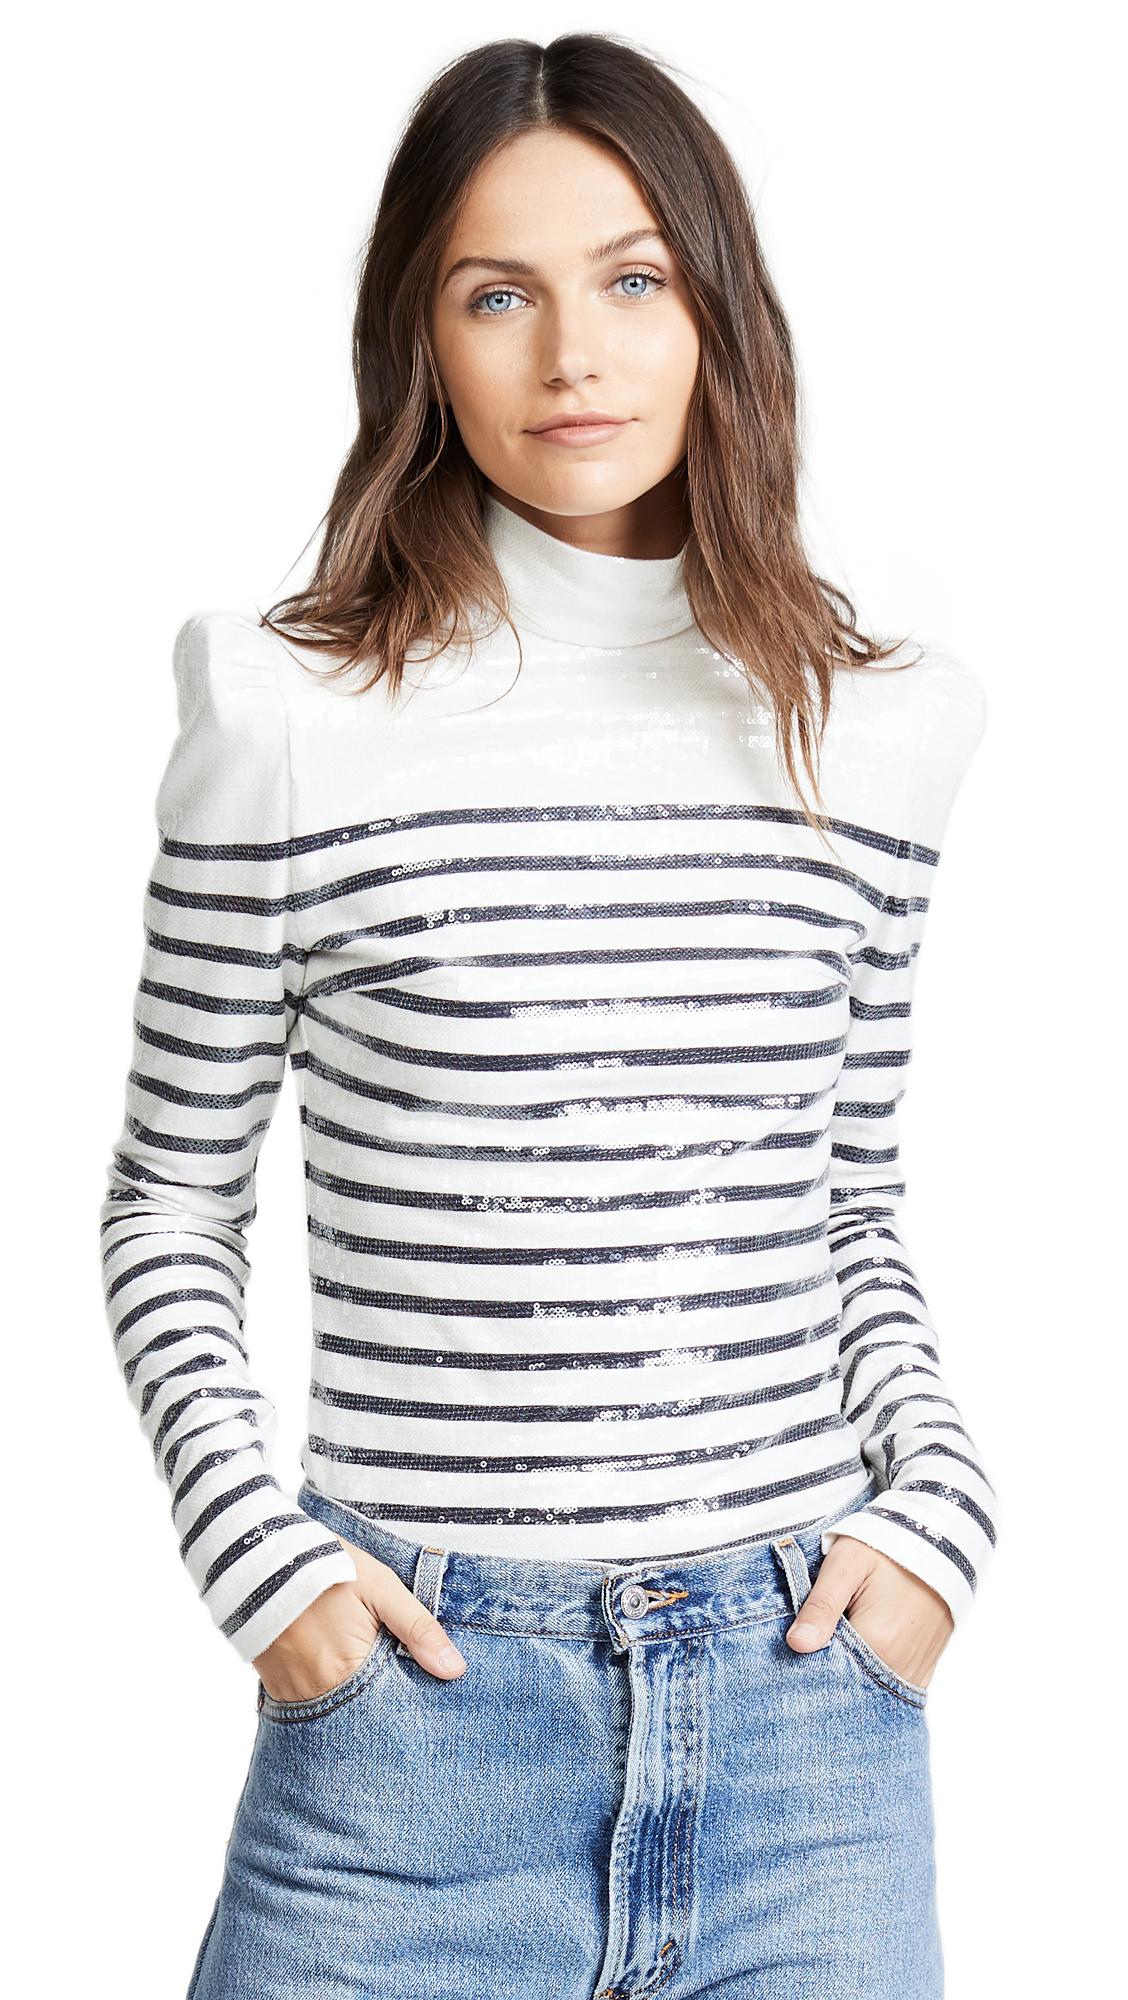 PUSHBUTTON Sequin Collared Stripe Top in Black/White Stripe